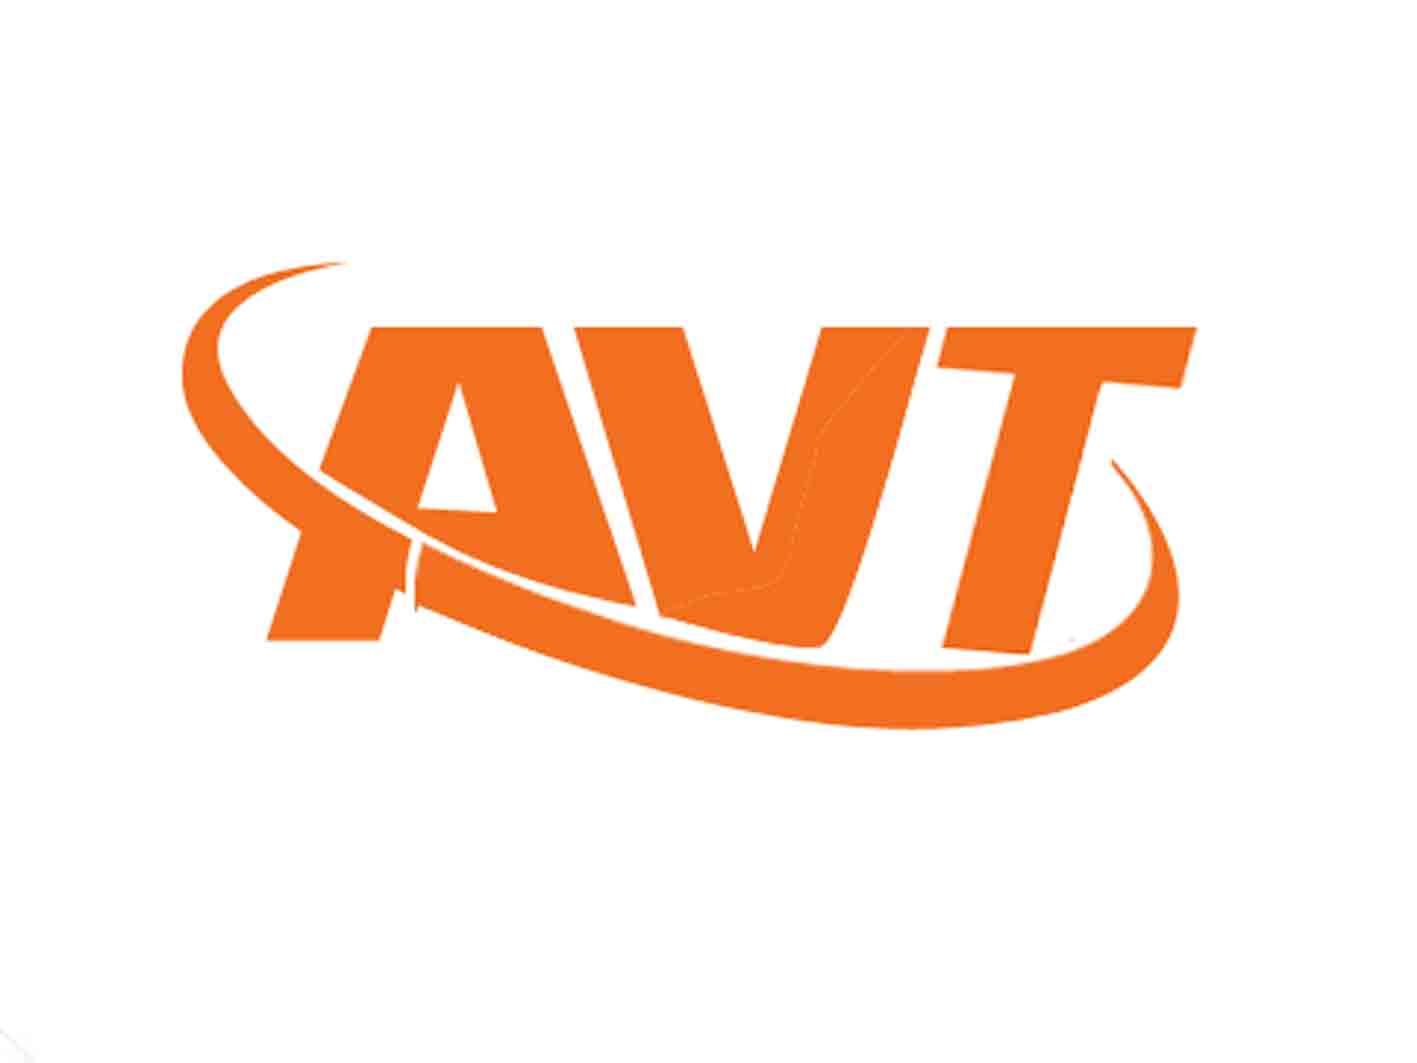 avt-logo-design